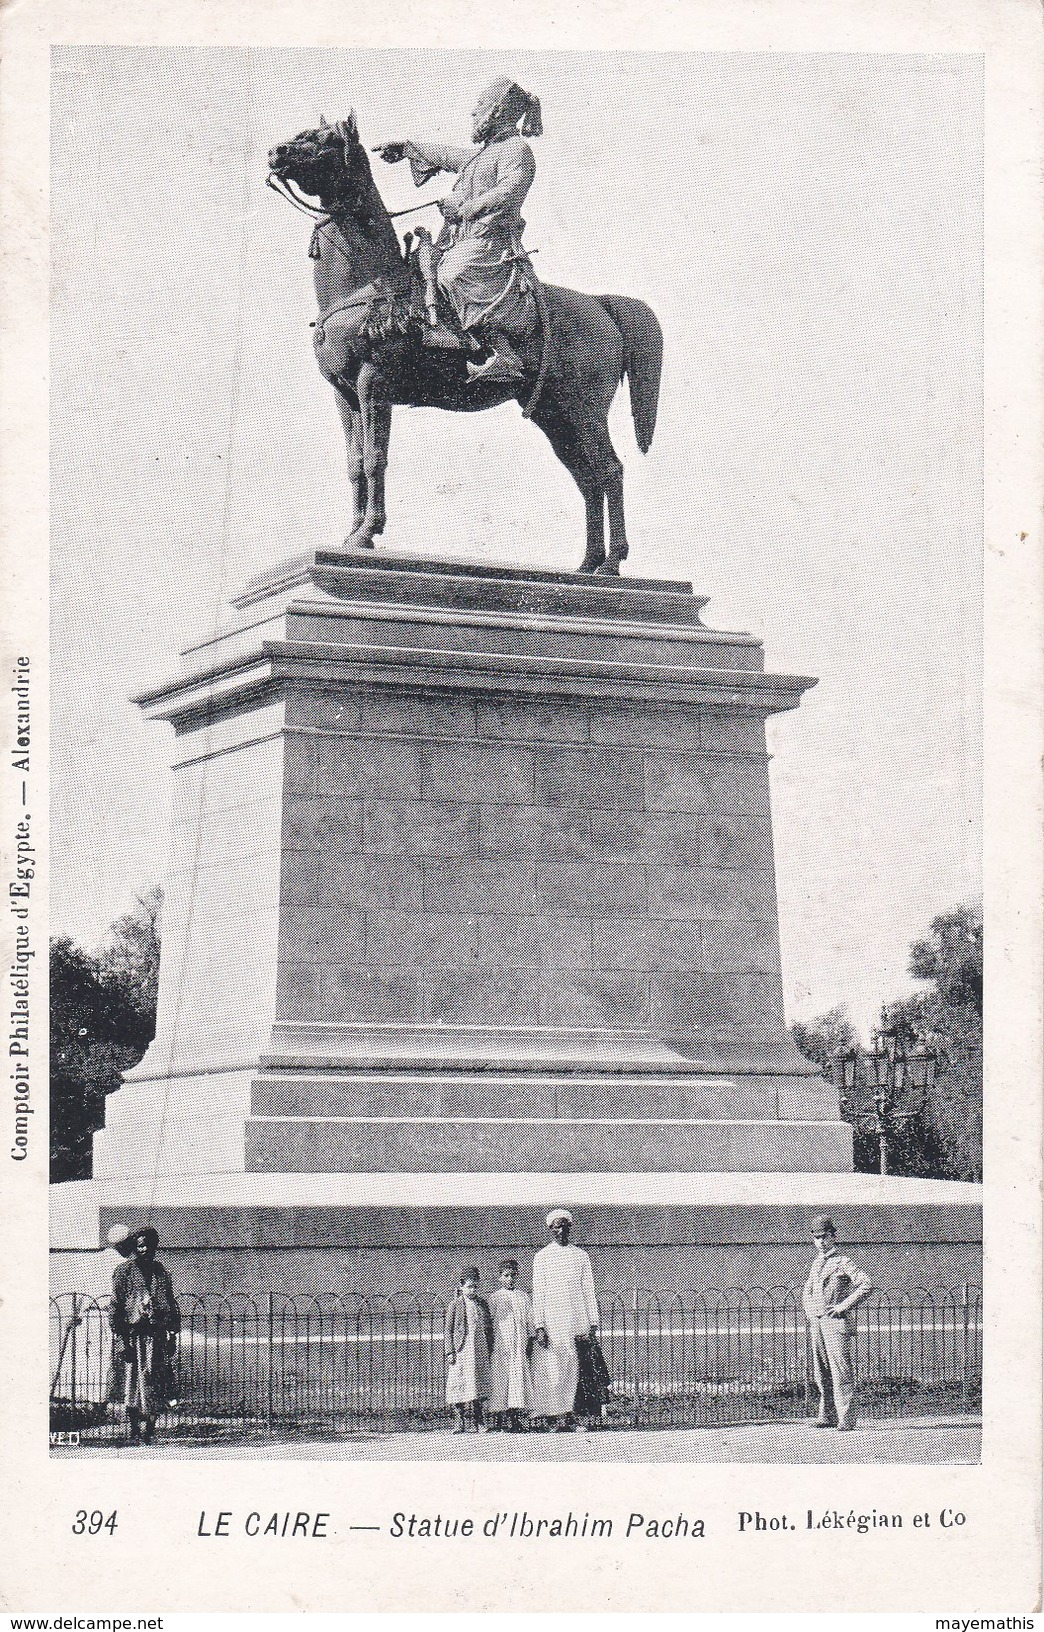 Le Caire Statue D'ibrahim Pacha - El Cairo